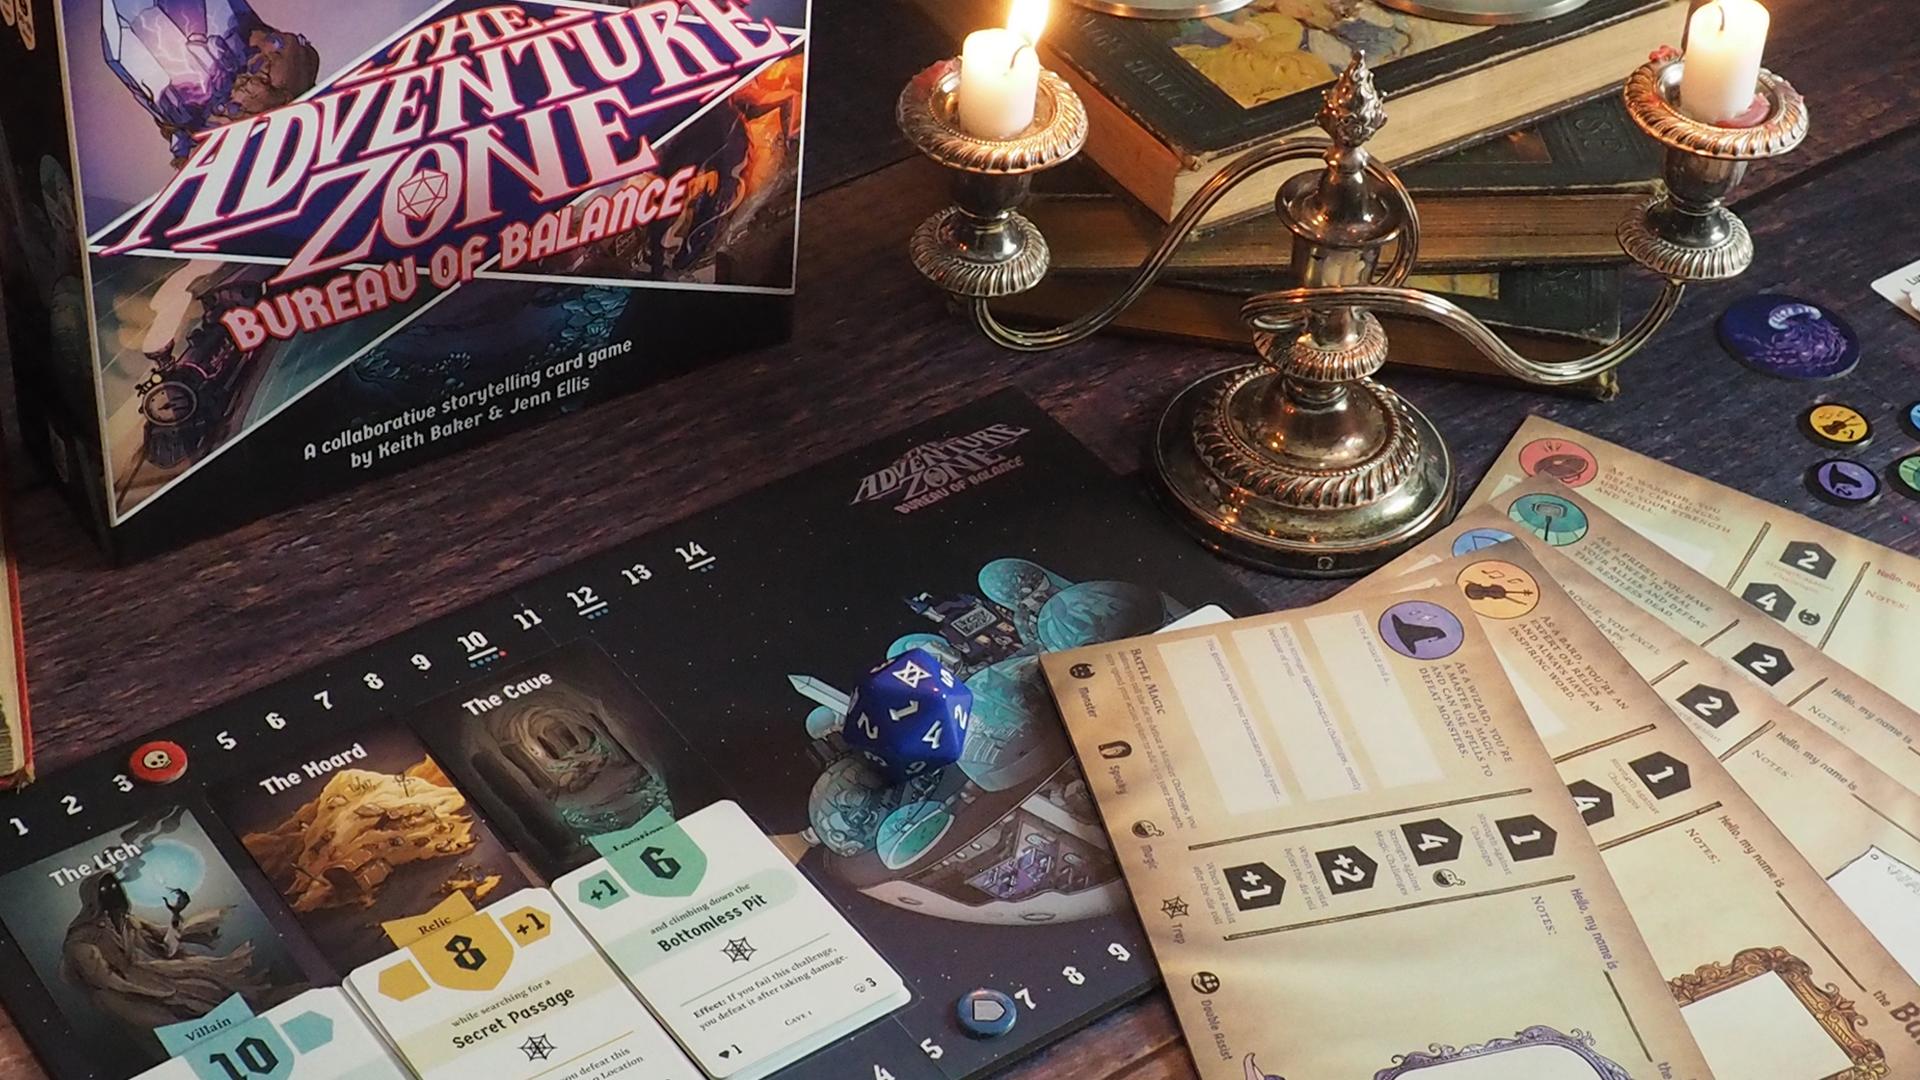 The Adventure Zone: Bureau of Balance layout image